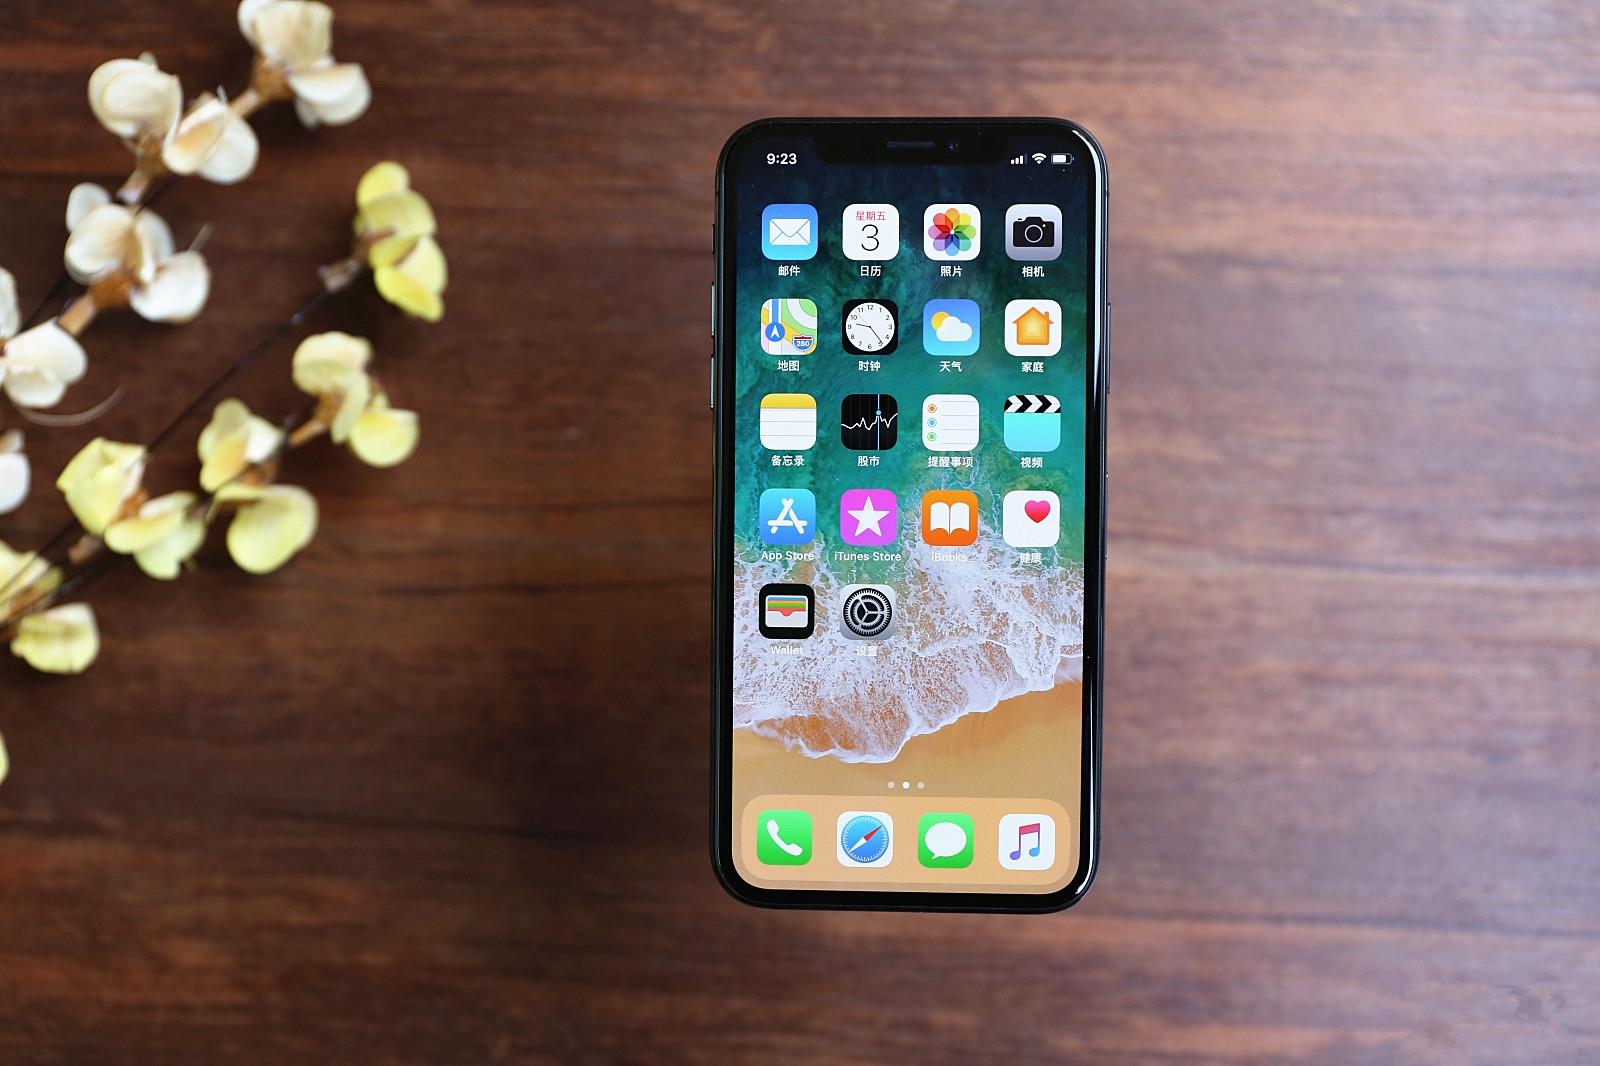 三星Galaxy S9适用全网通,iPhone的下一代iPhoneX新手机眼睛发红了?